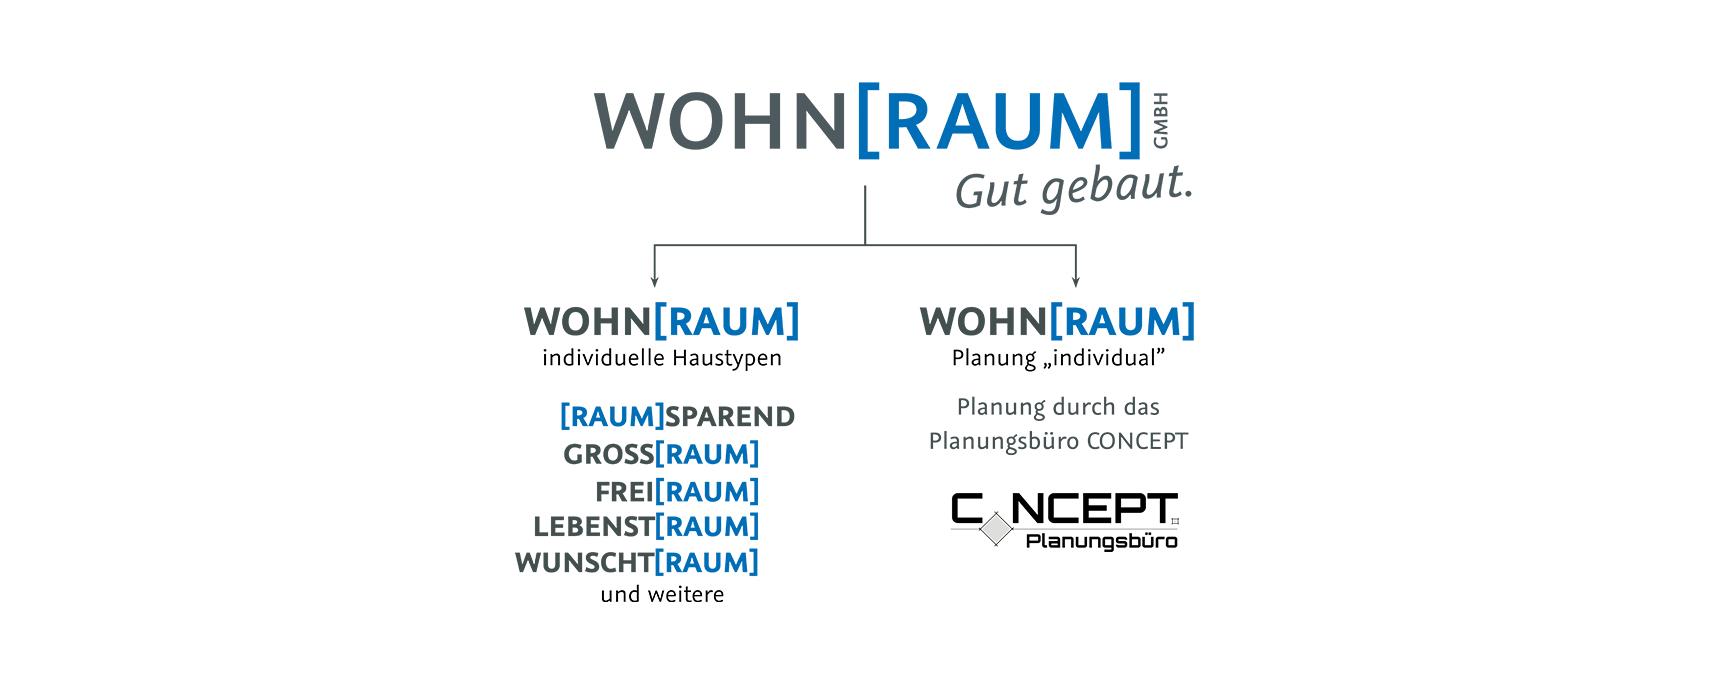 Wohnraum GmbH | Herzlich Willkommen